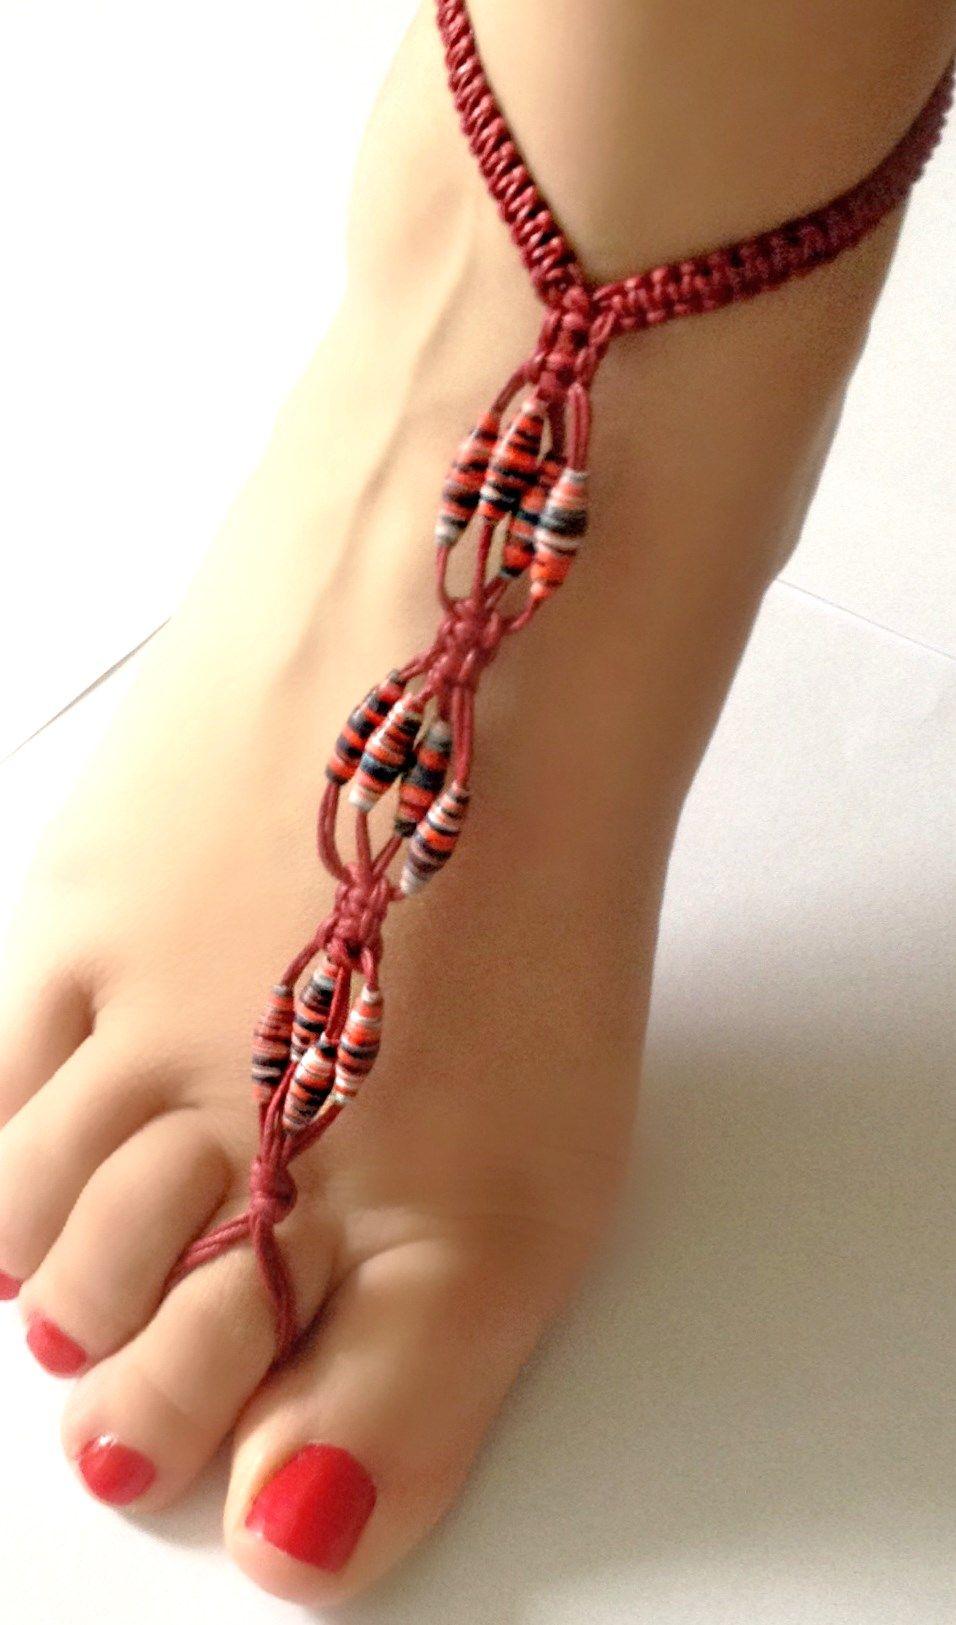 Ideales para lucir unos lindos pies este verano http://de.dawanda.com/shop/burrimariateresa